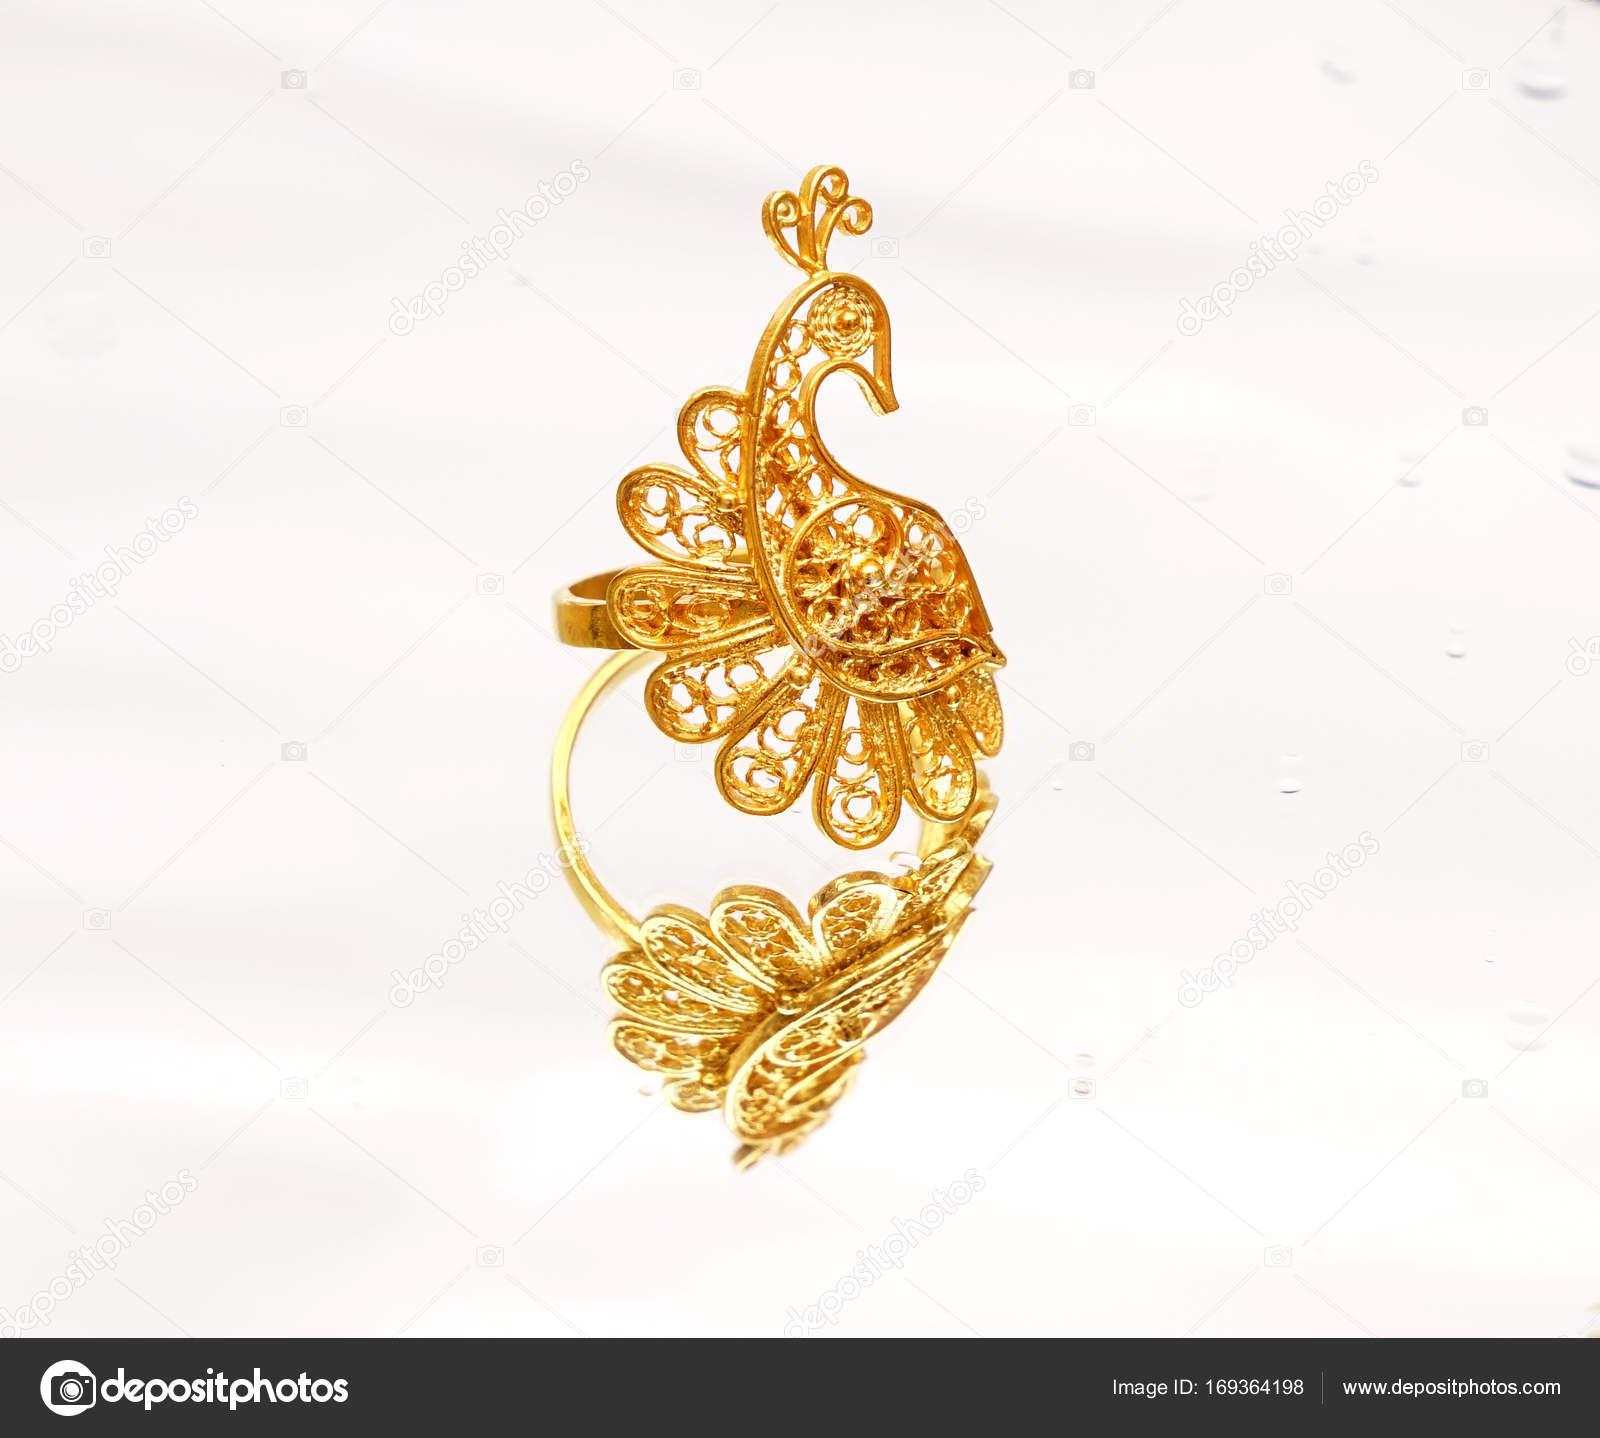 Turkisch gold schmuck